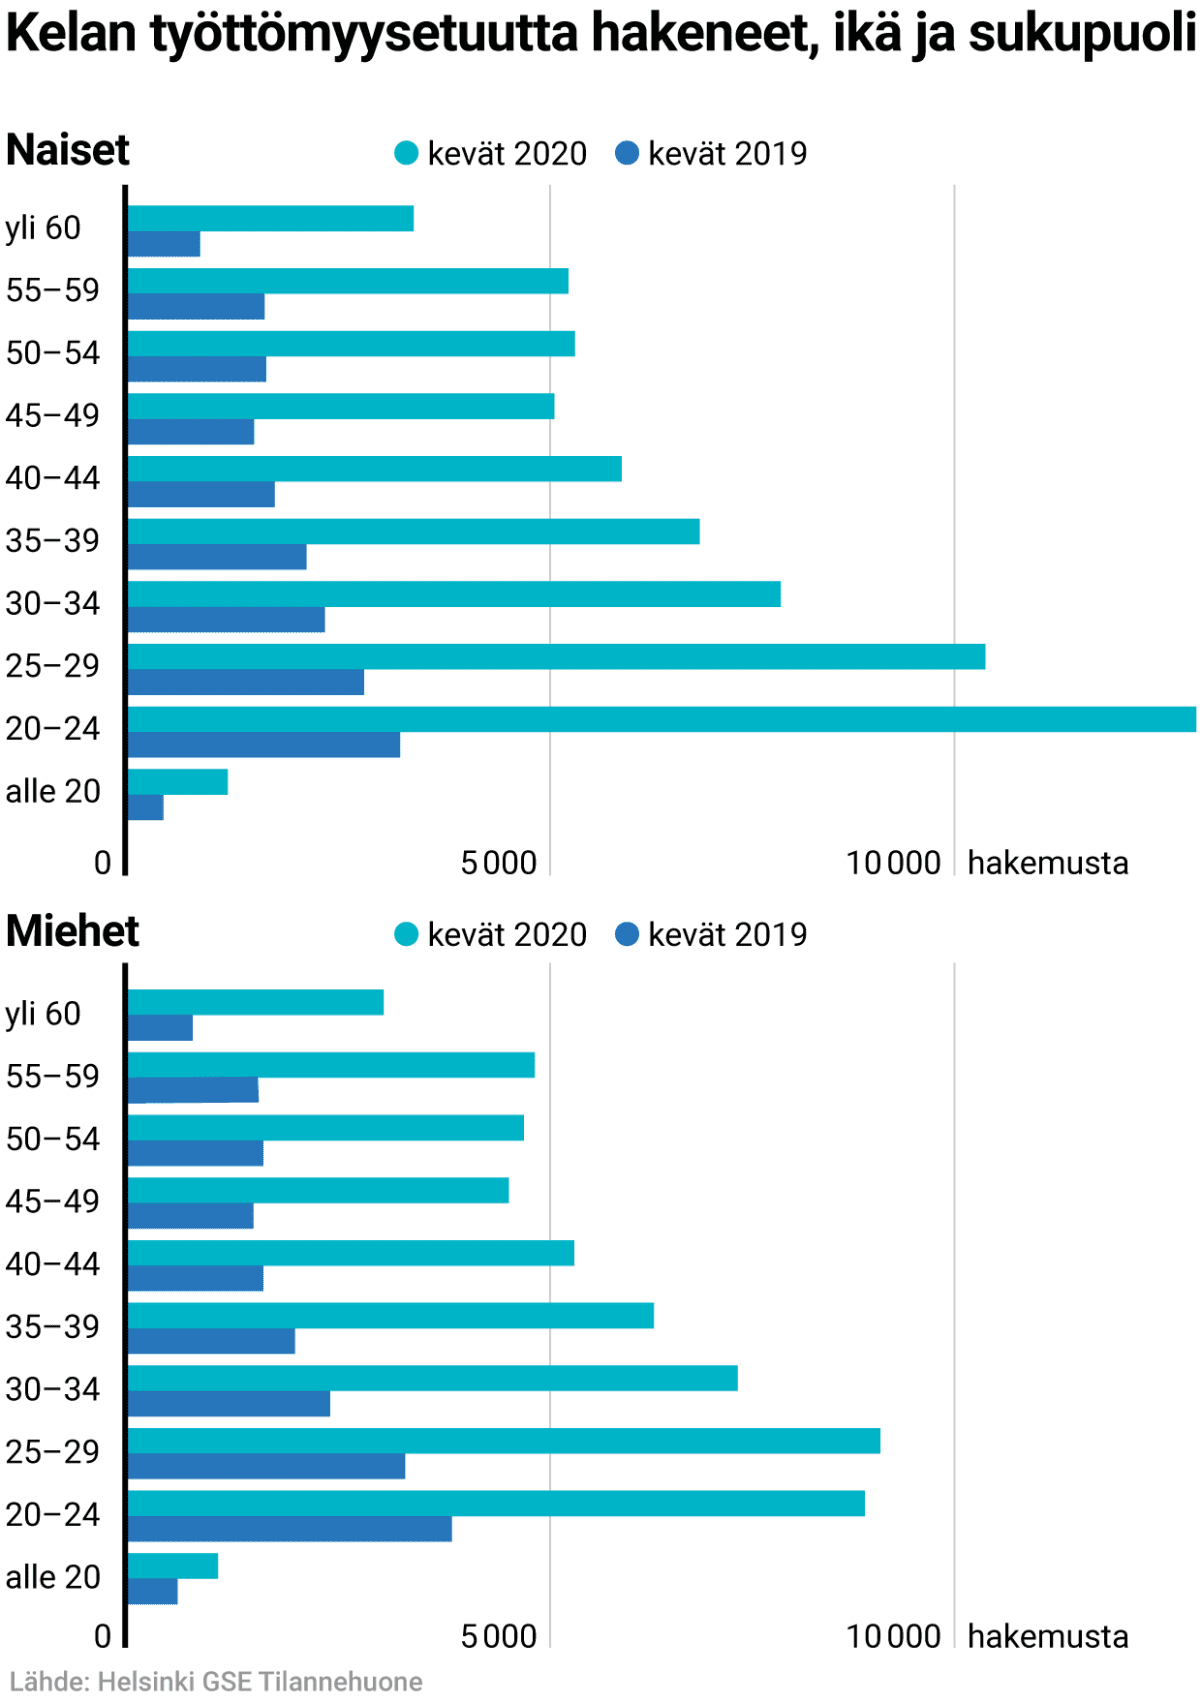 Kelan työttömyysetuutta hakeneet, ikä ja sukupuoli